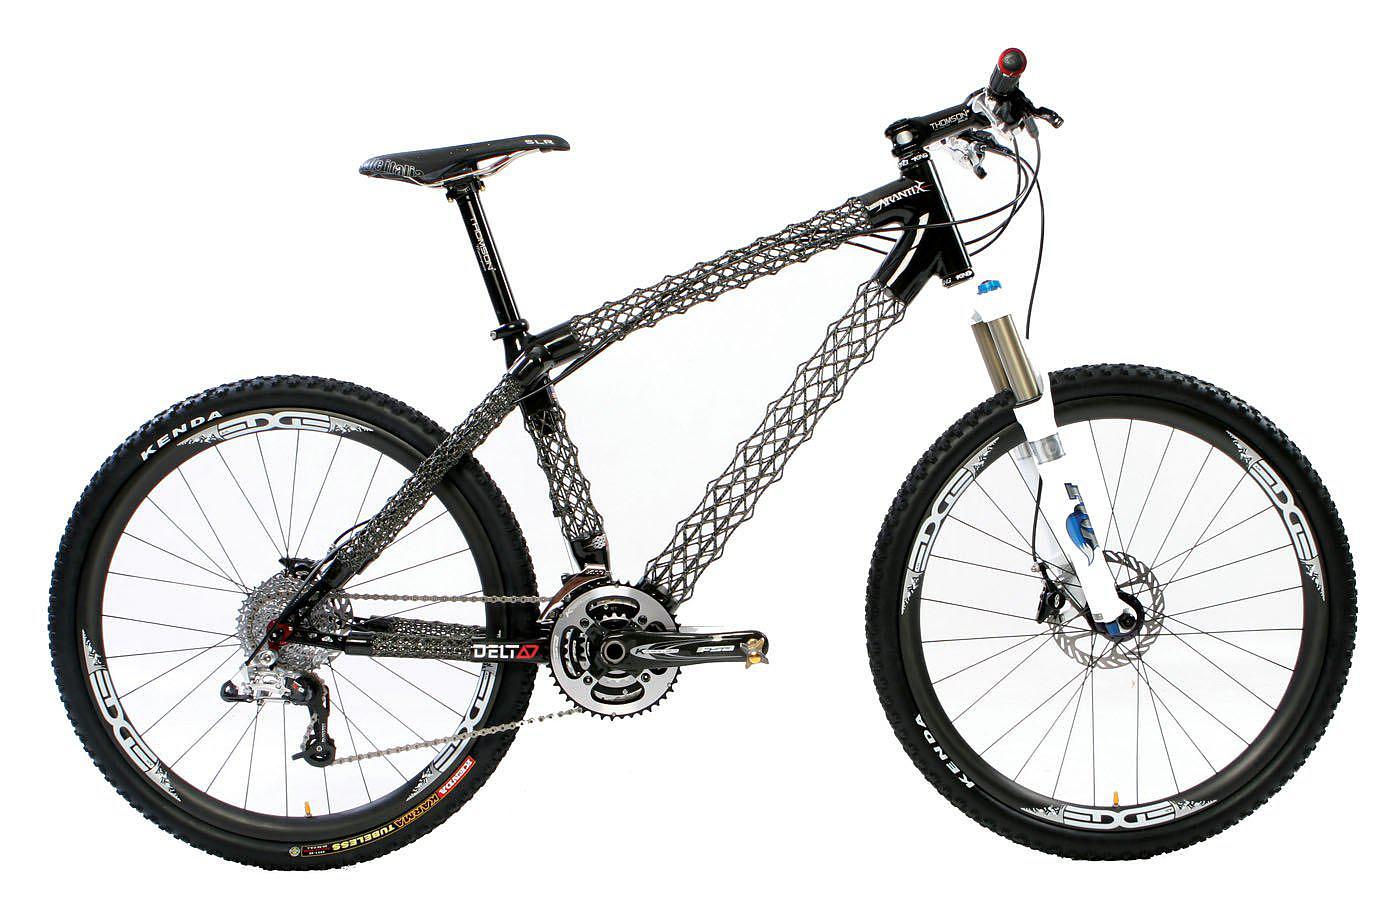 Delta 7 Arantix and Ascend Carbon Fiber Bikes.